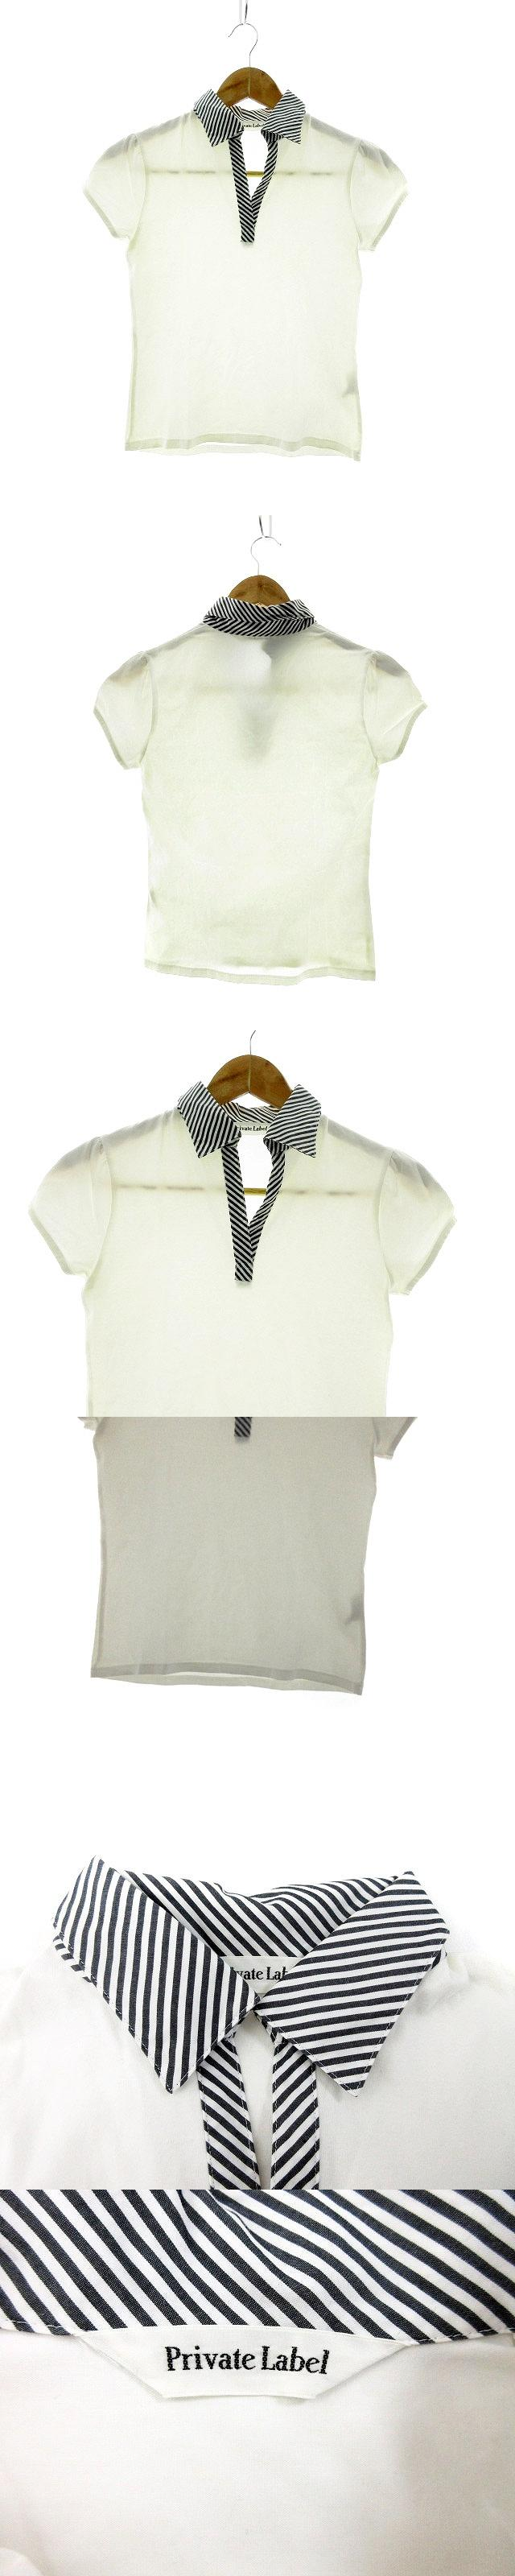 シャツ 半袖 総柄 M 白 ホワイト /M2